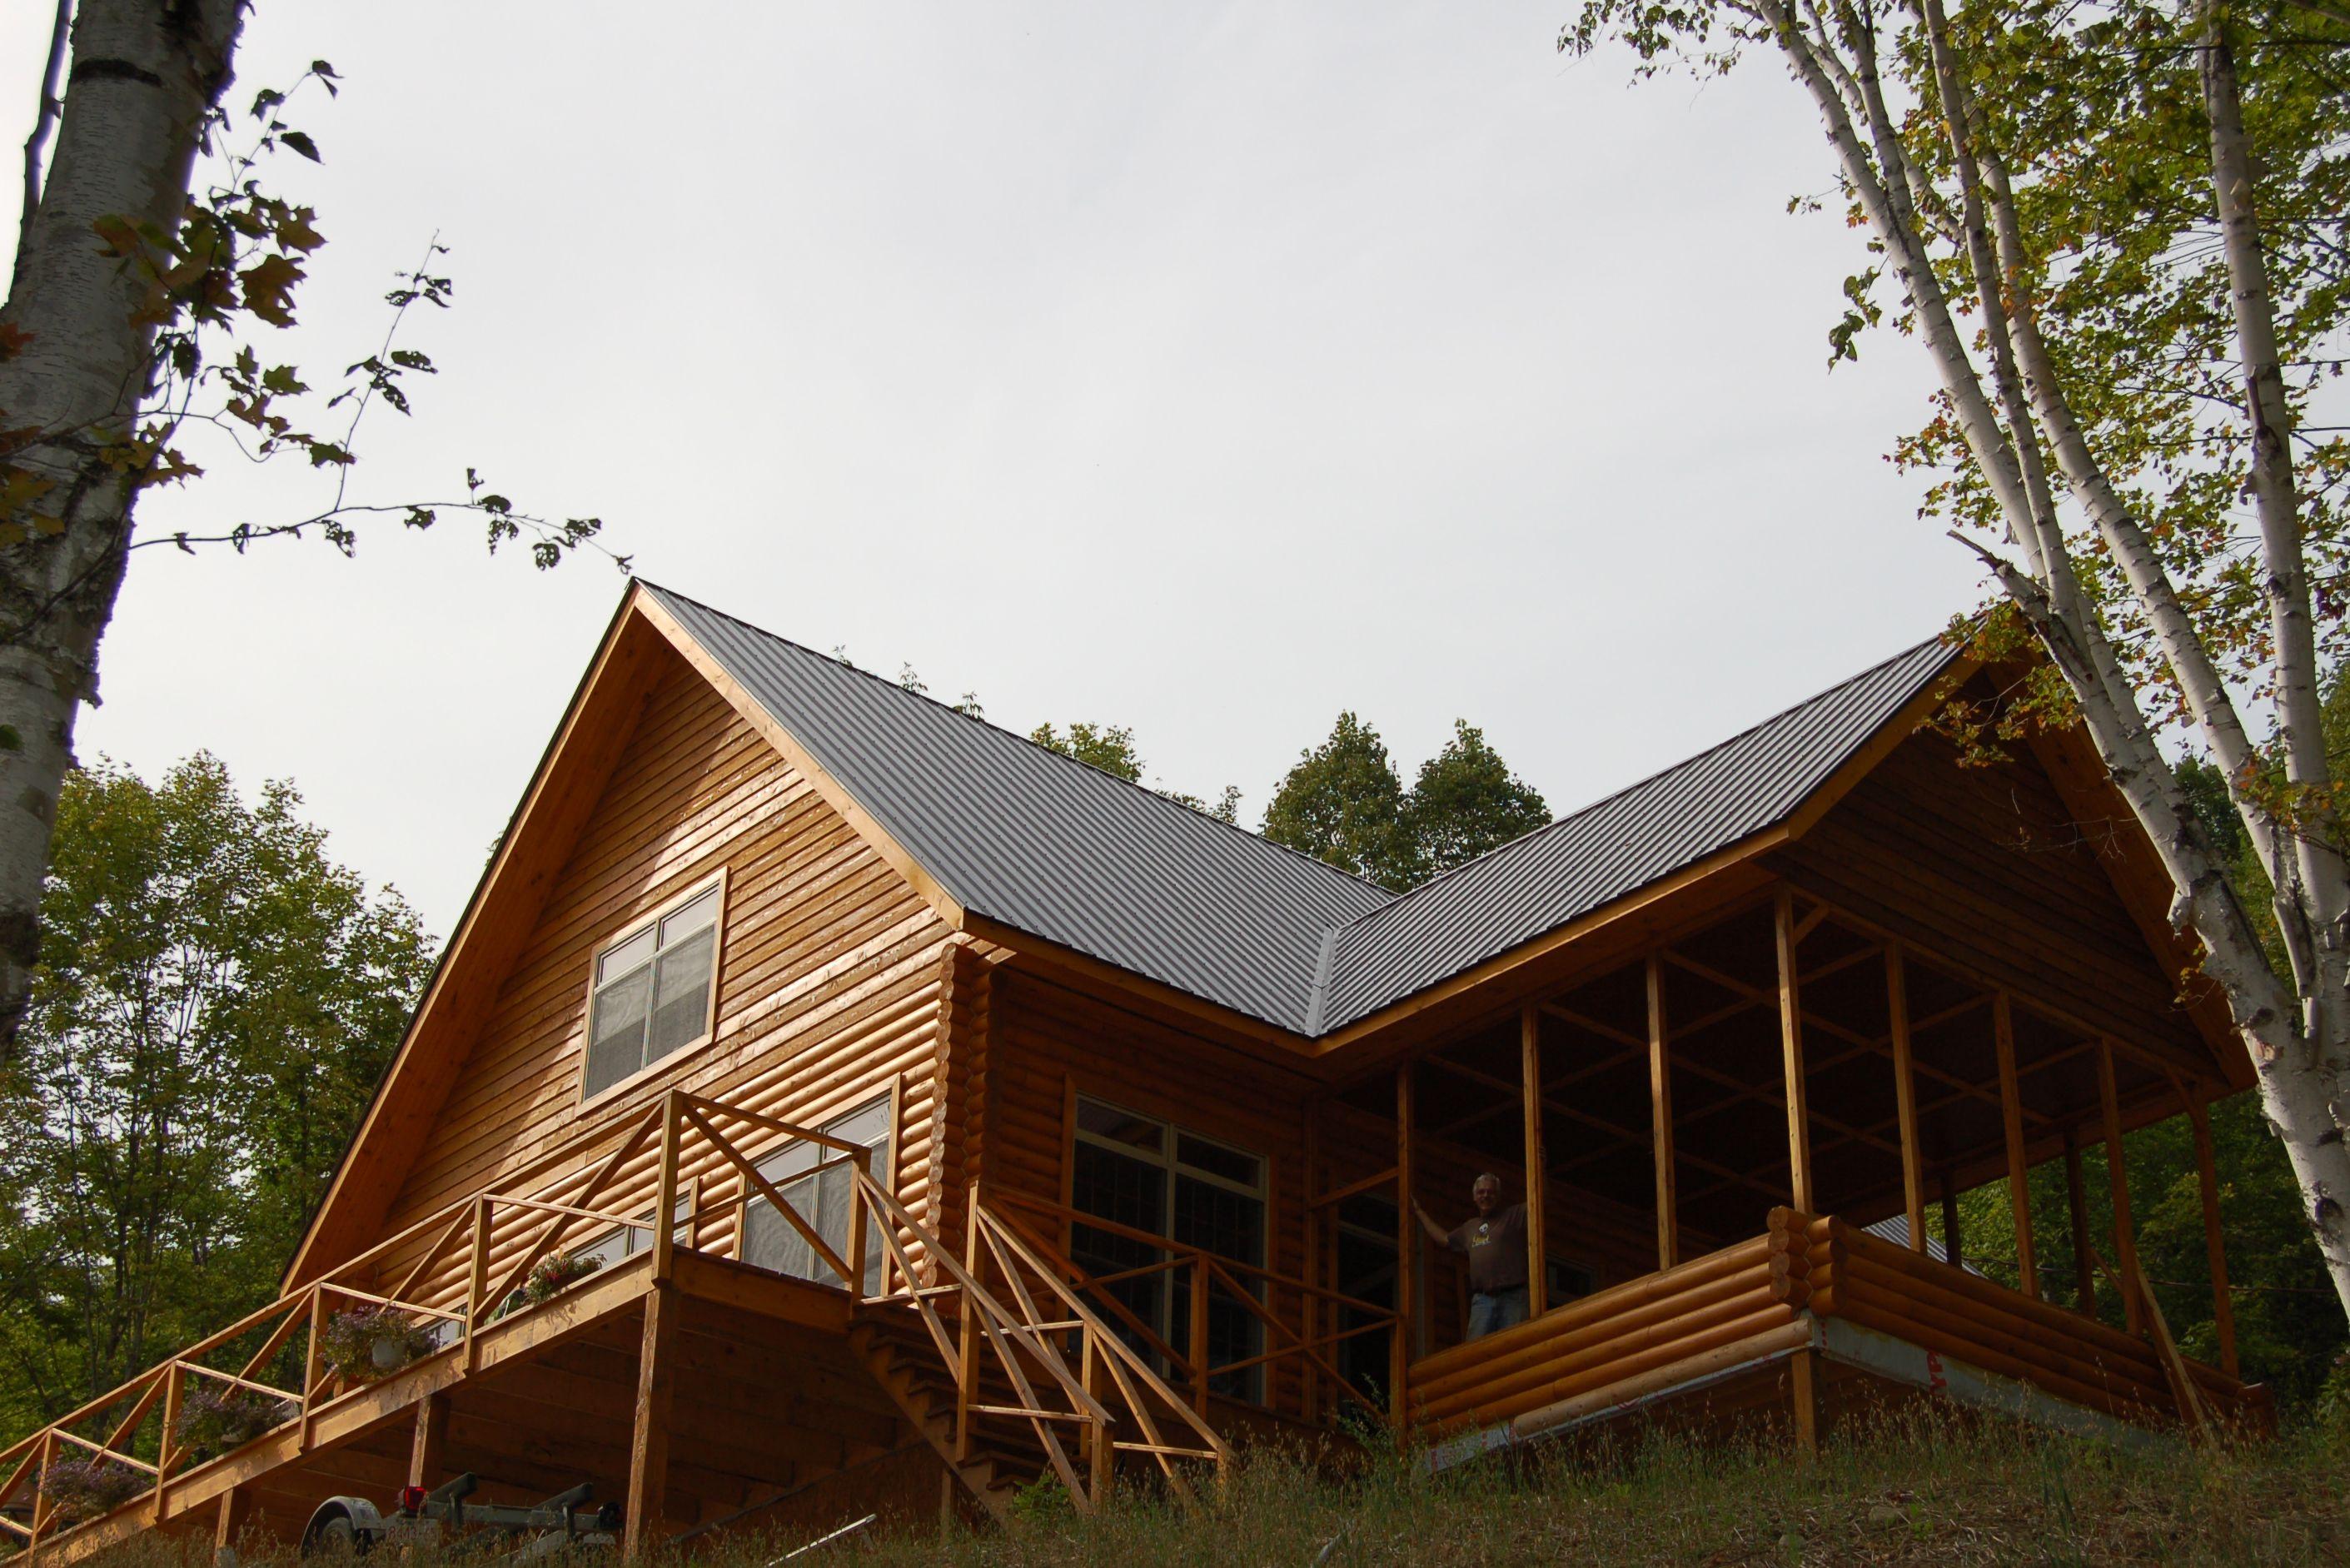 Maison de bois rond cadre Kenomee Log Homes Cedar Logs